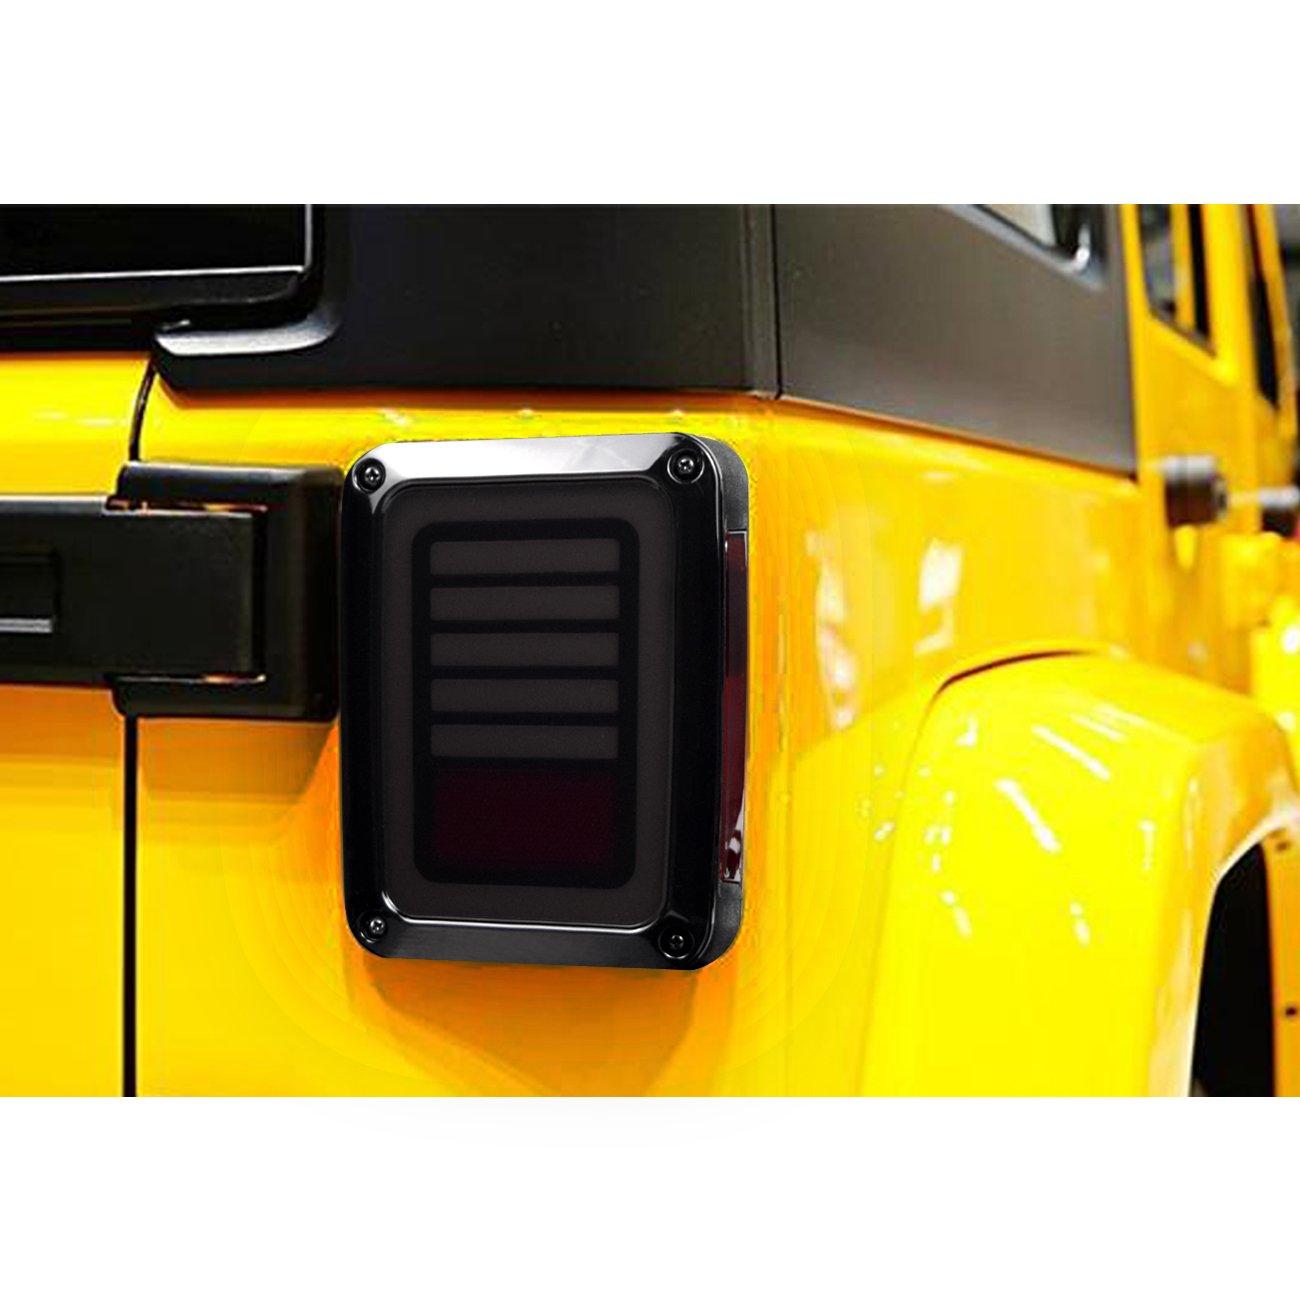 DIYTUNINGS LED Smoked Avenger Tail Lights for Jeep Wrangler JK 2/&4 Door 2007 2008 2009 2010 2011 2012 2013 2014 2015 2016 2017-Pair 4350375855